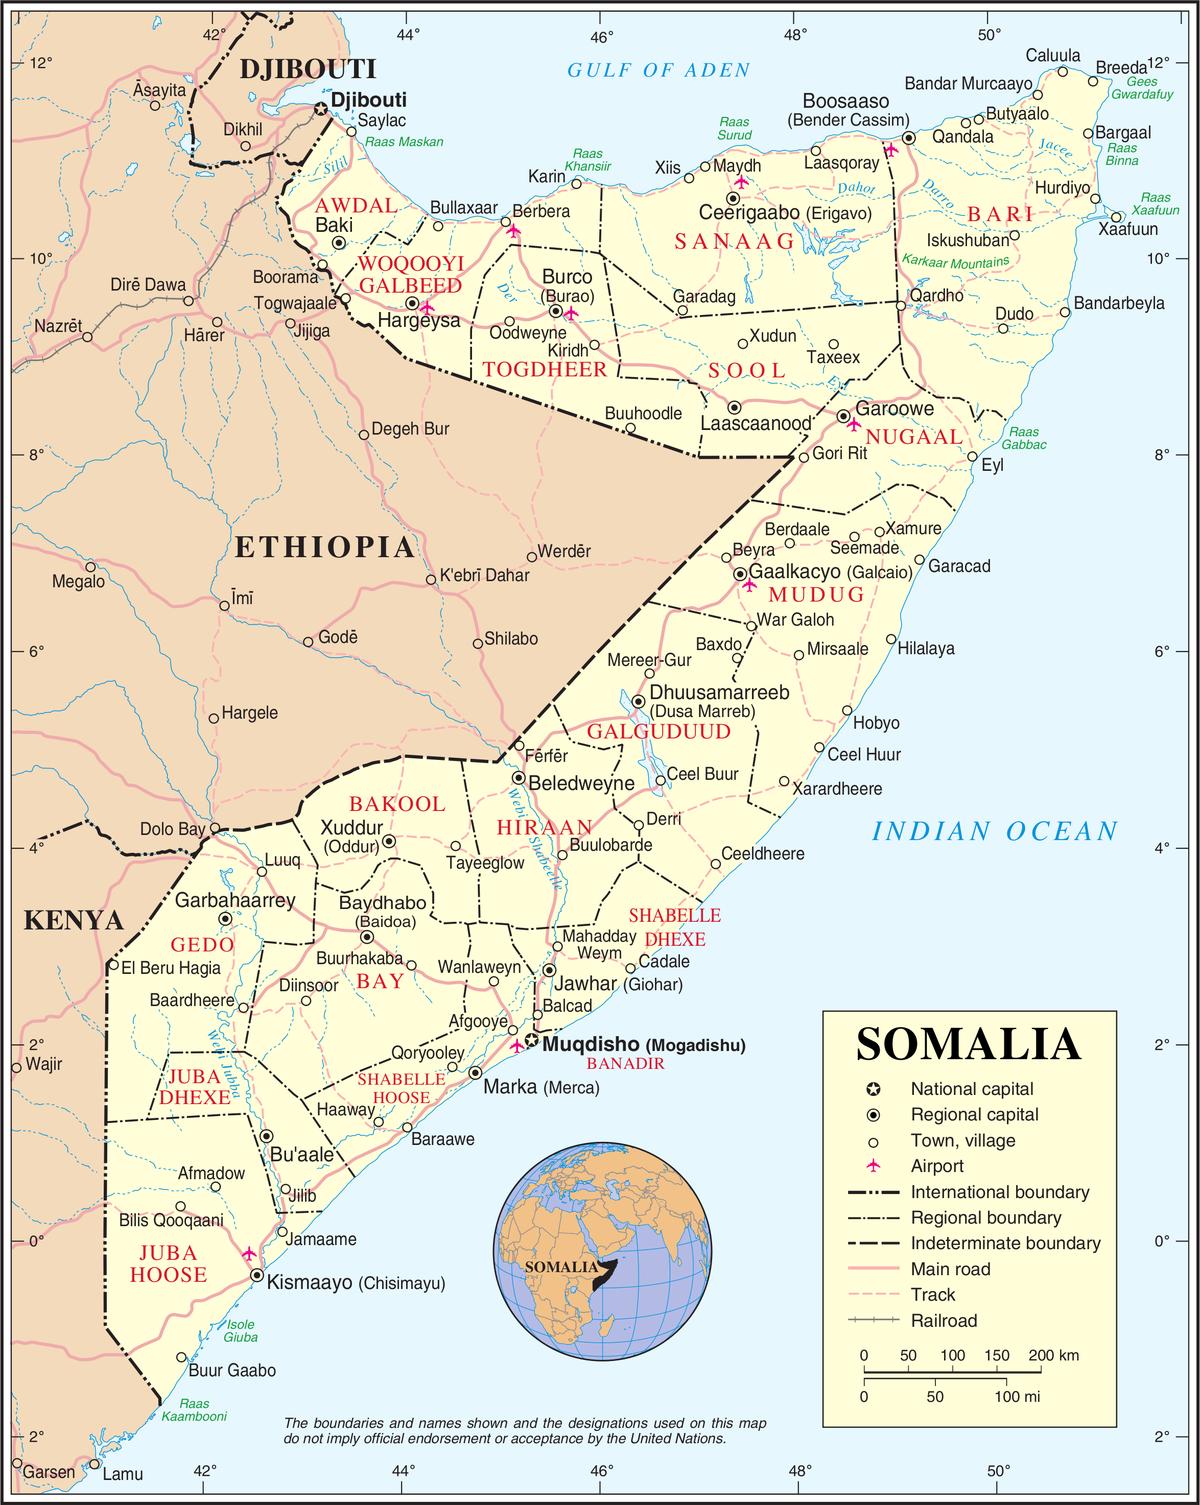 2017 timeline of the War in Somalia - Wikipedia